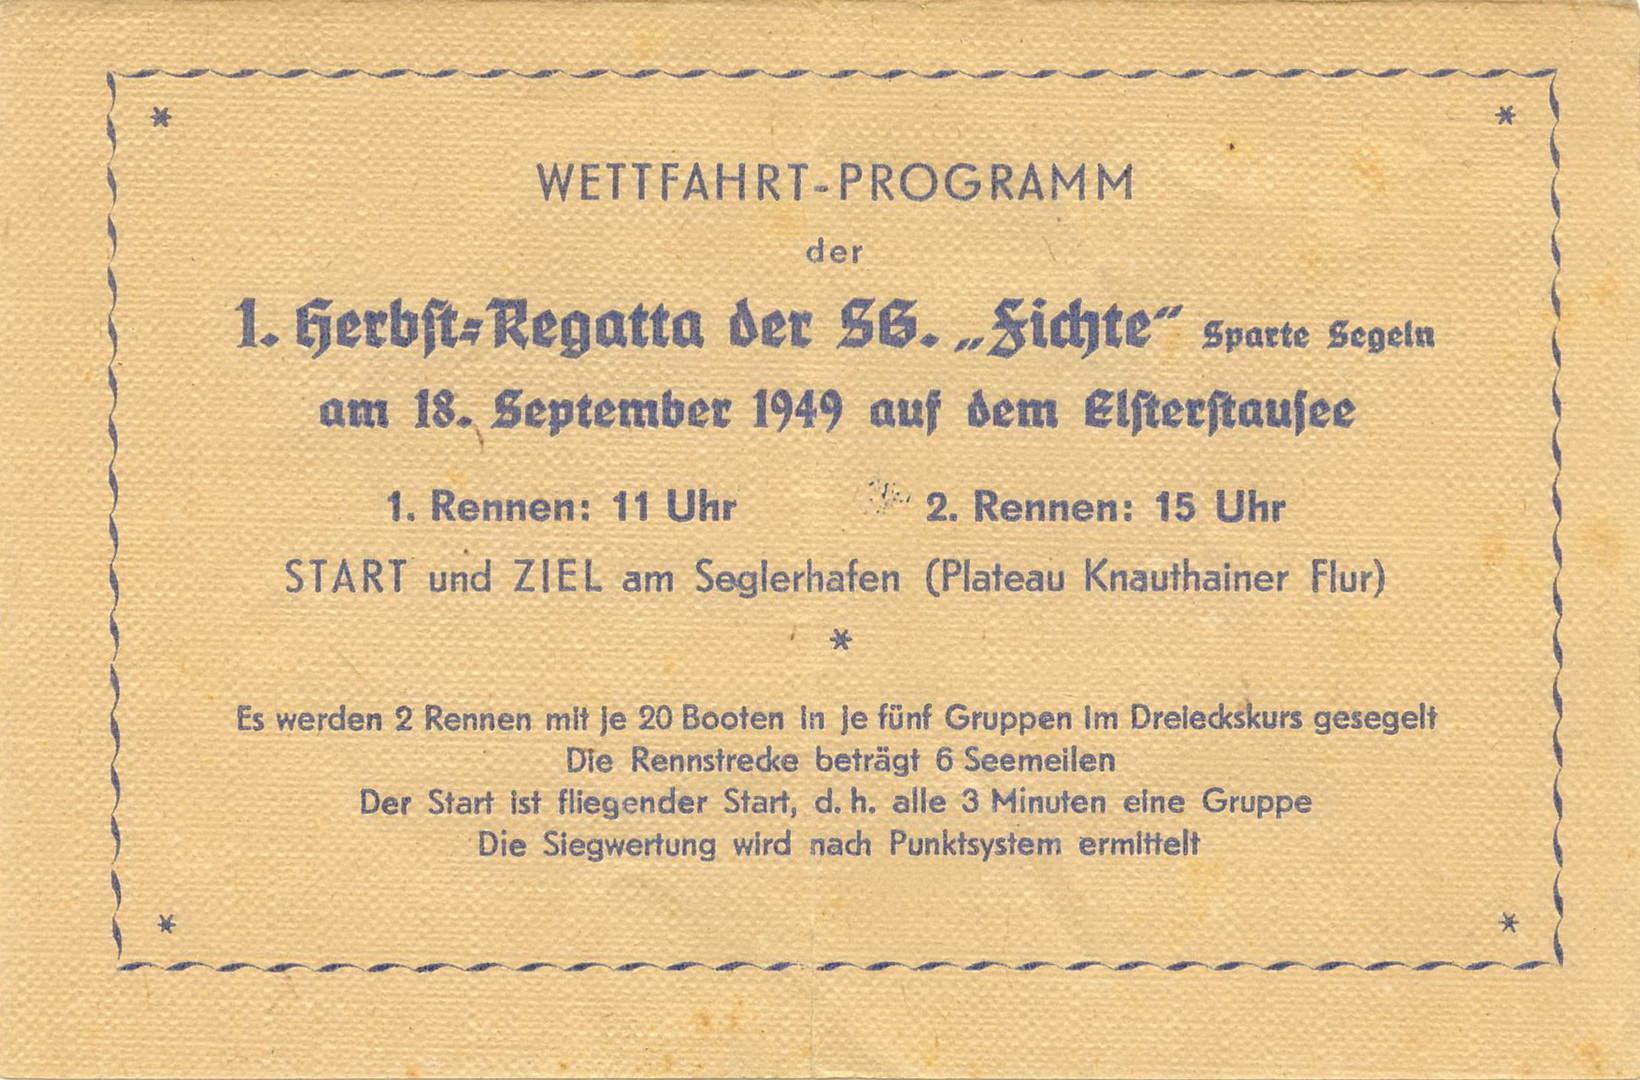 1. Herbstregatta Elsterstausee 1949